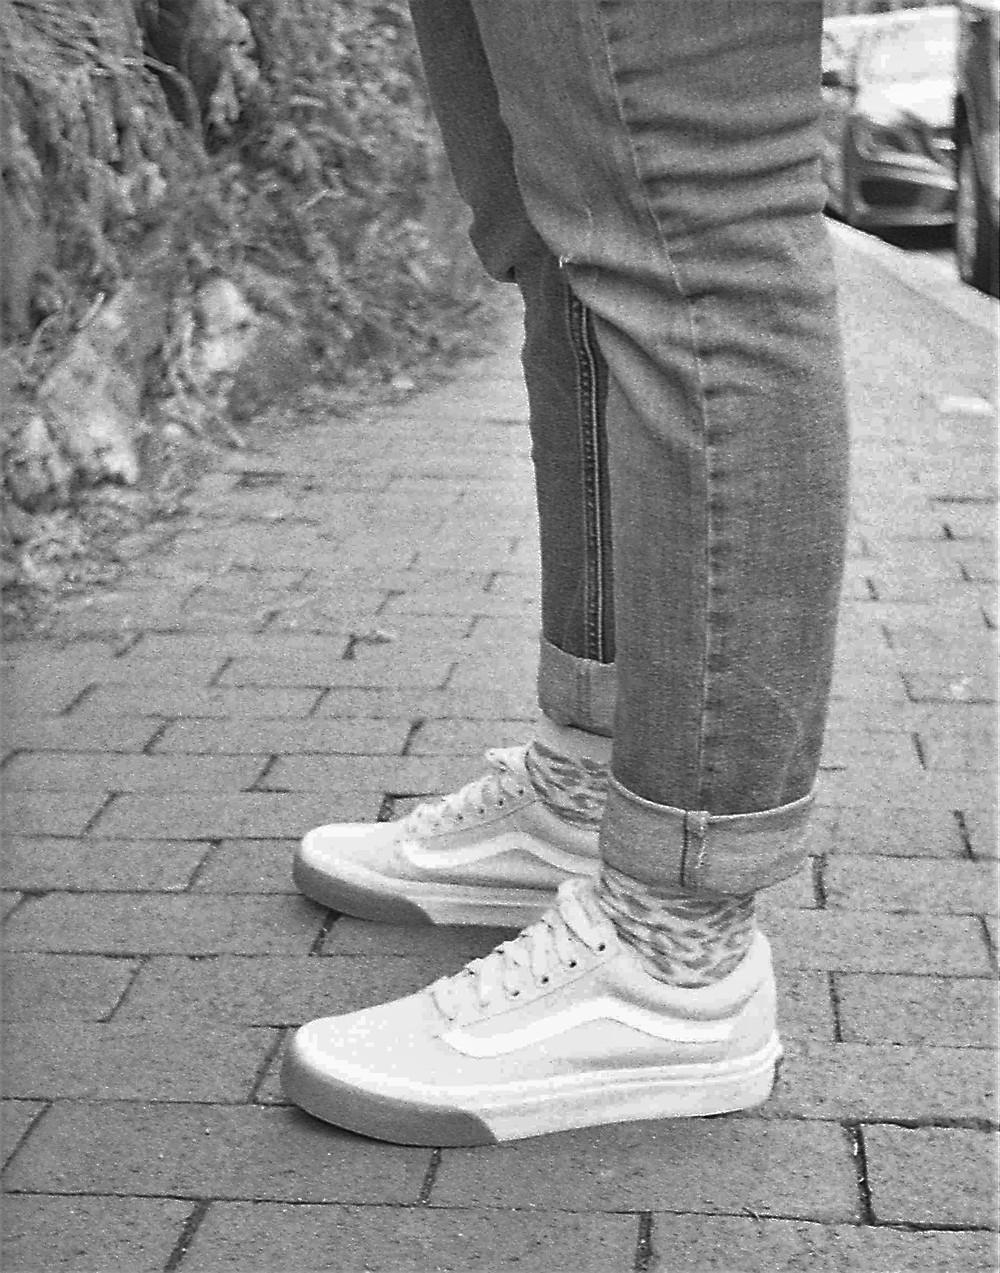 Vans on Larissa's feet